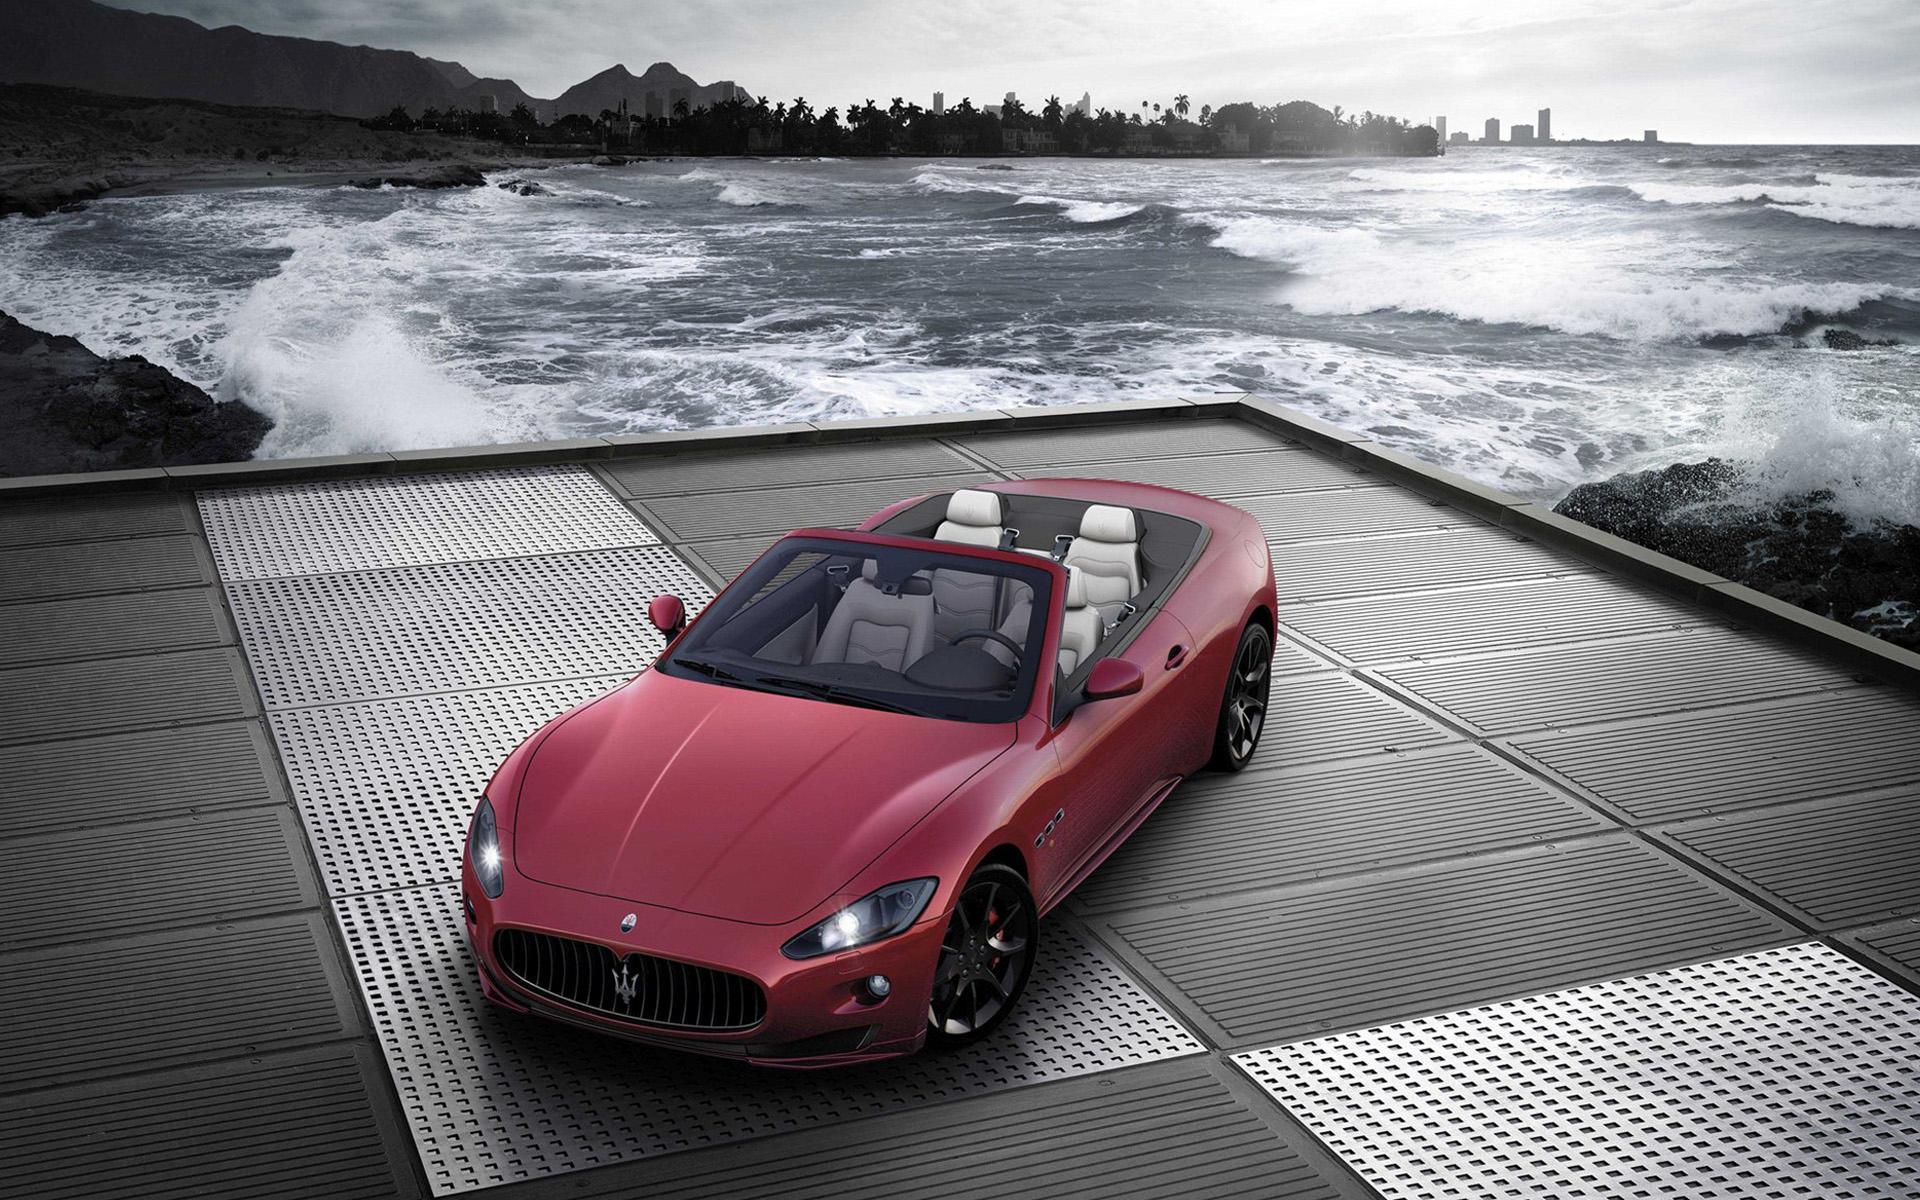 玛莎拉蒂红色炫酷高清汽车图片桌面壁纸